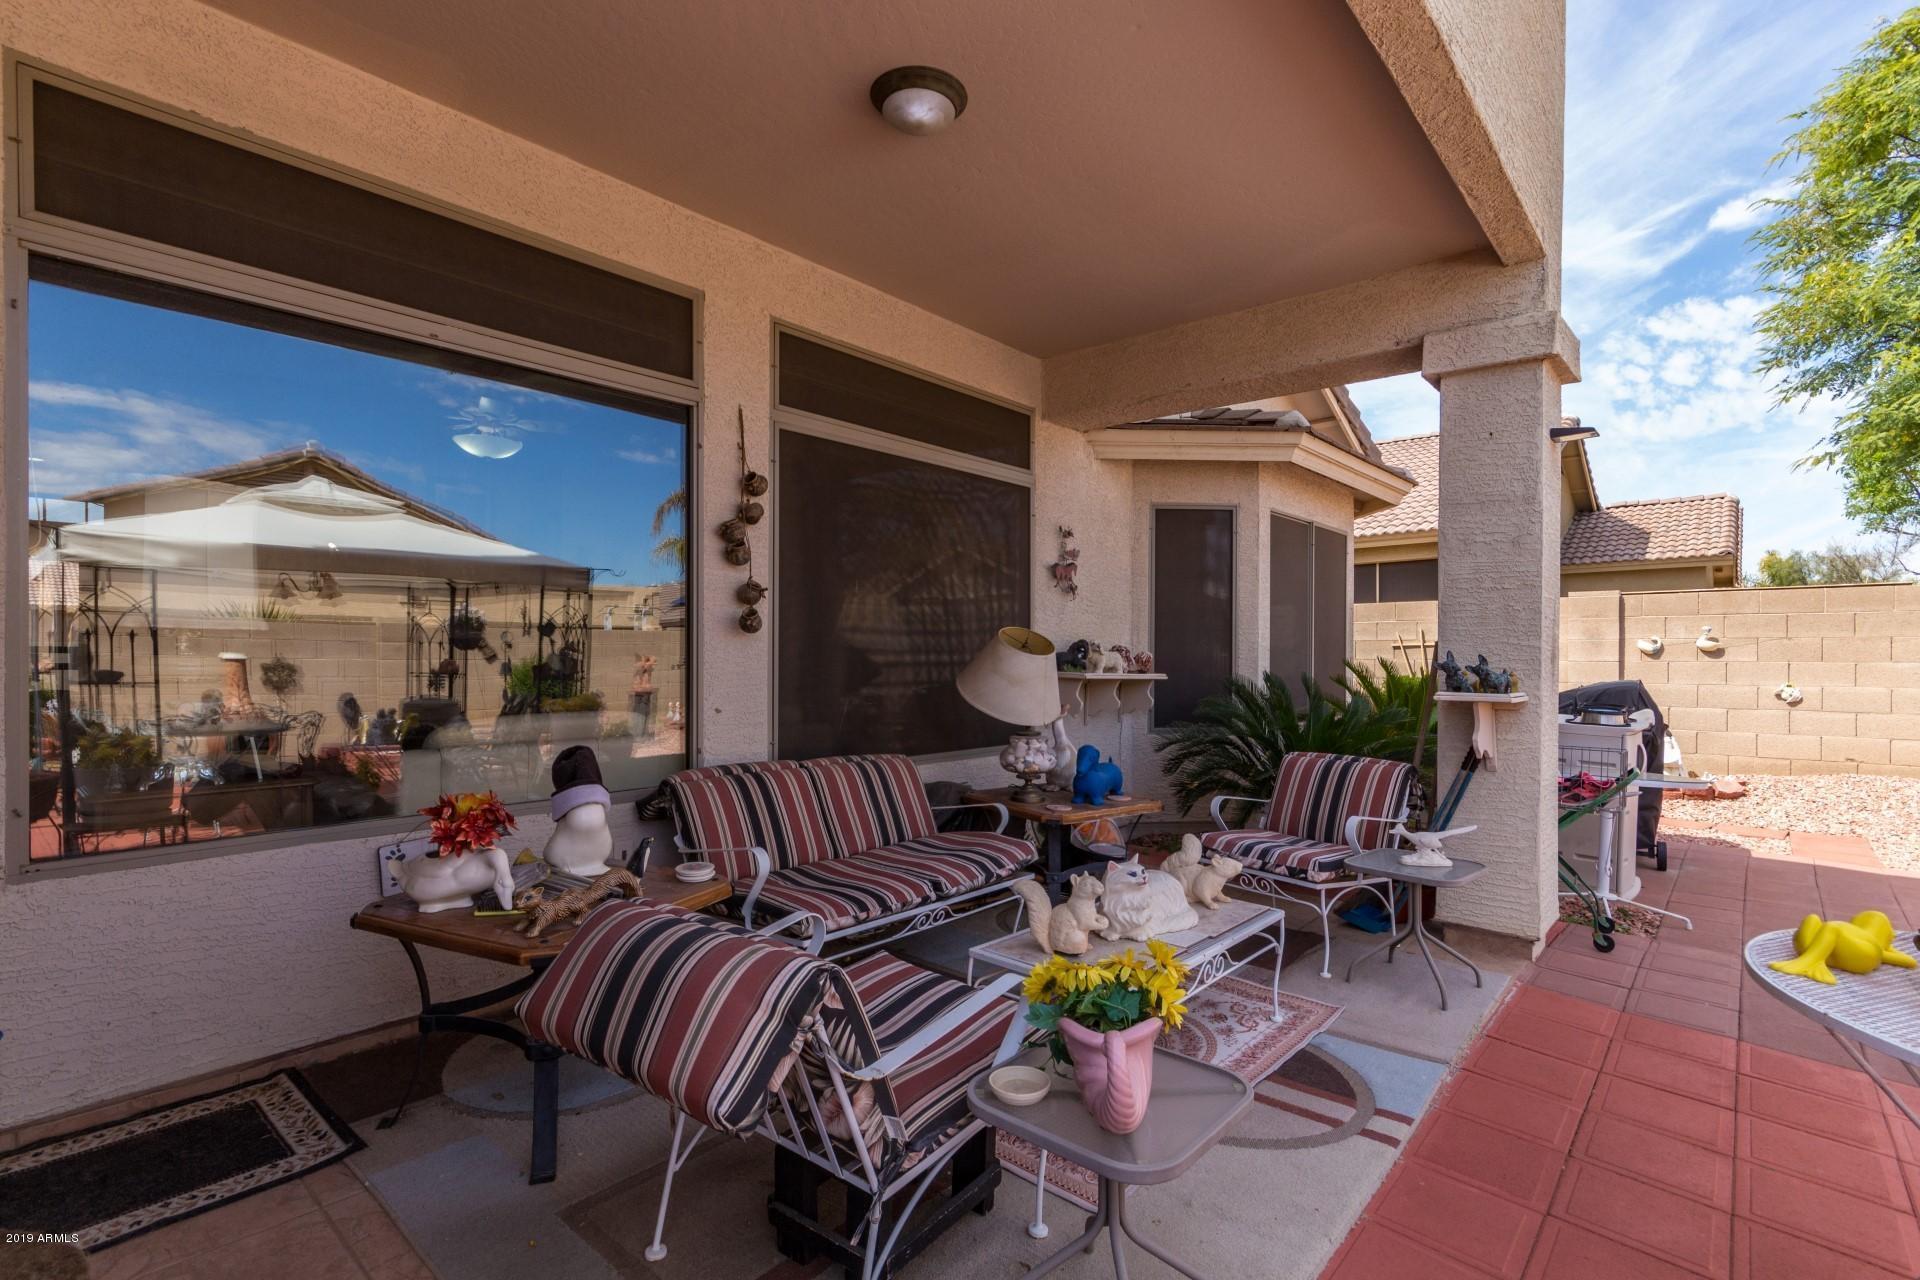 MLS 5899090 12814 W Rosewood Drive, El Mirage, AZ 85335 El Mirage AZ Single-Story